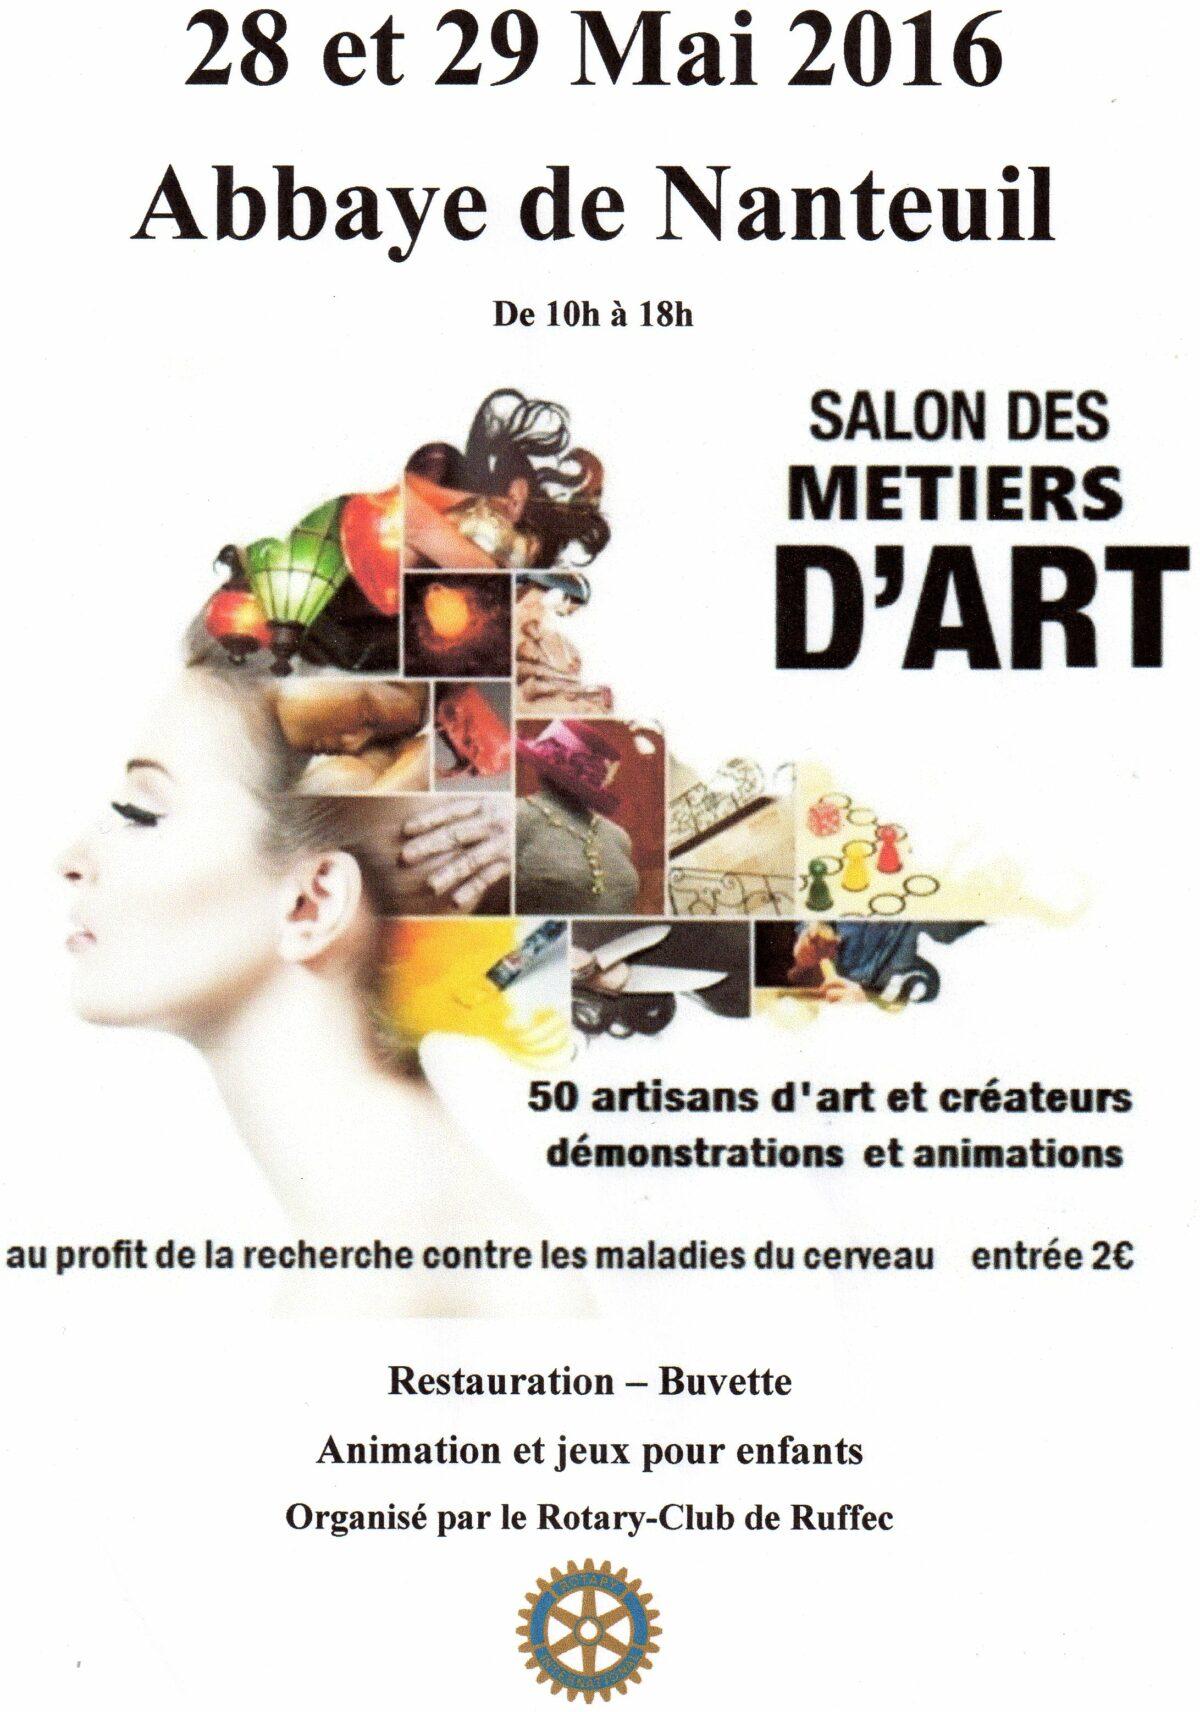 Salon, métiers d'art, Nanteuil-en-vallée, 28 mai 2016, 29 mai 2016, artisans d'art, restaurateur de libre